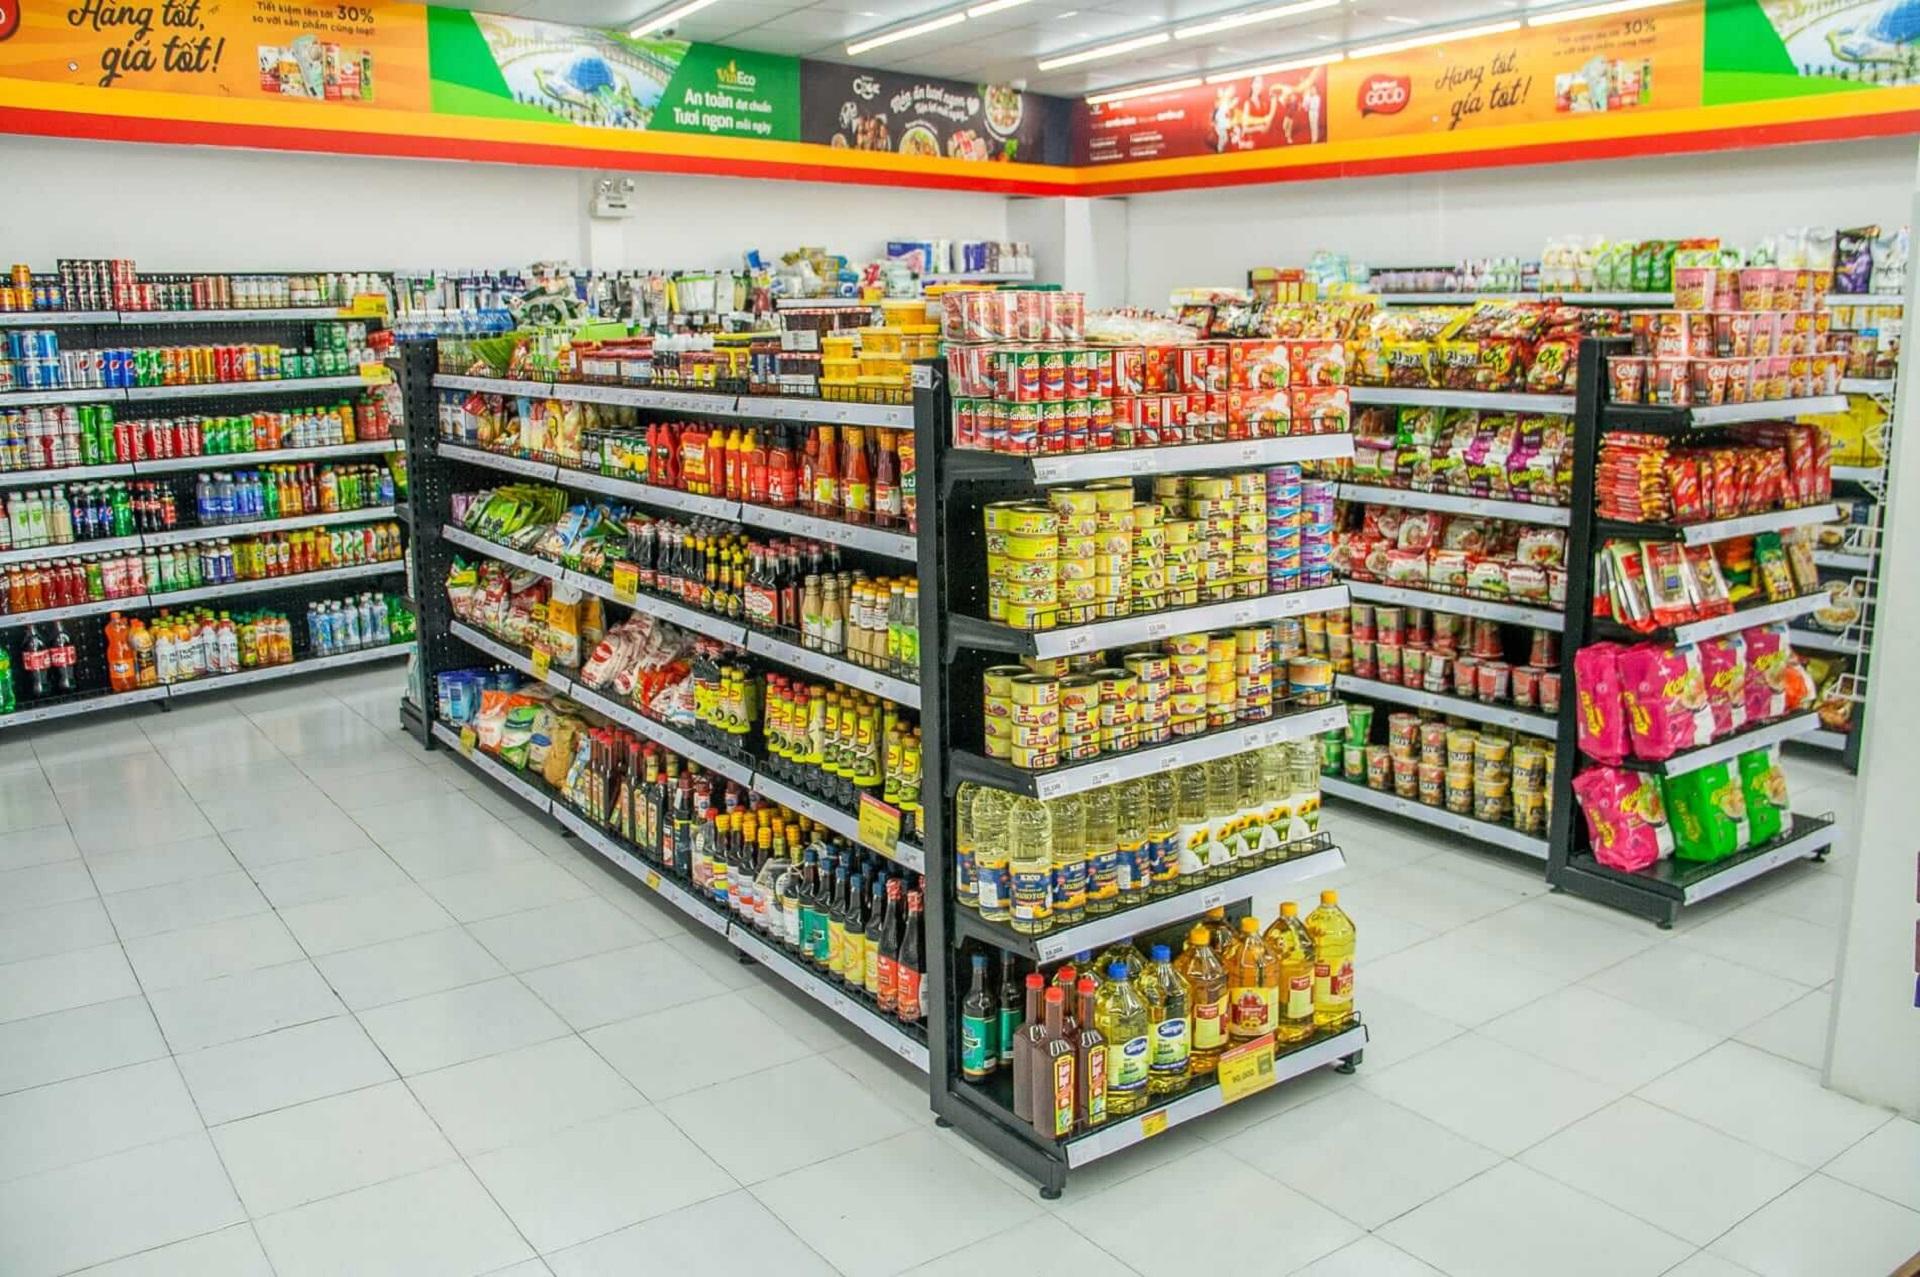 """Mở cửa hàng tạp hóa cần bao nhiêu vốn? 5 loại chi phí """"buộc phải biết"""""""